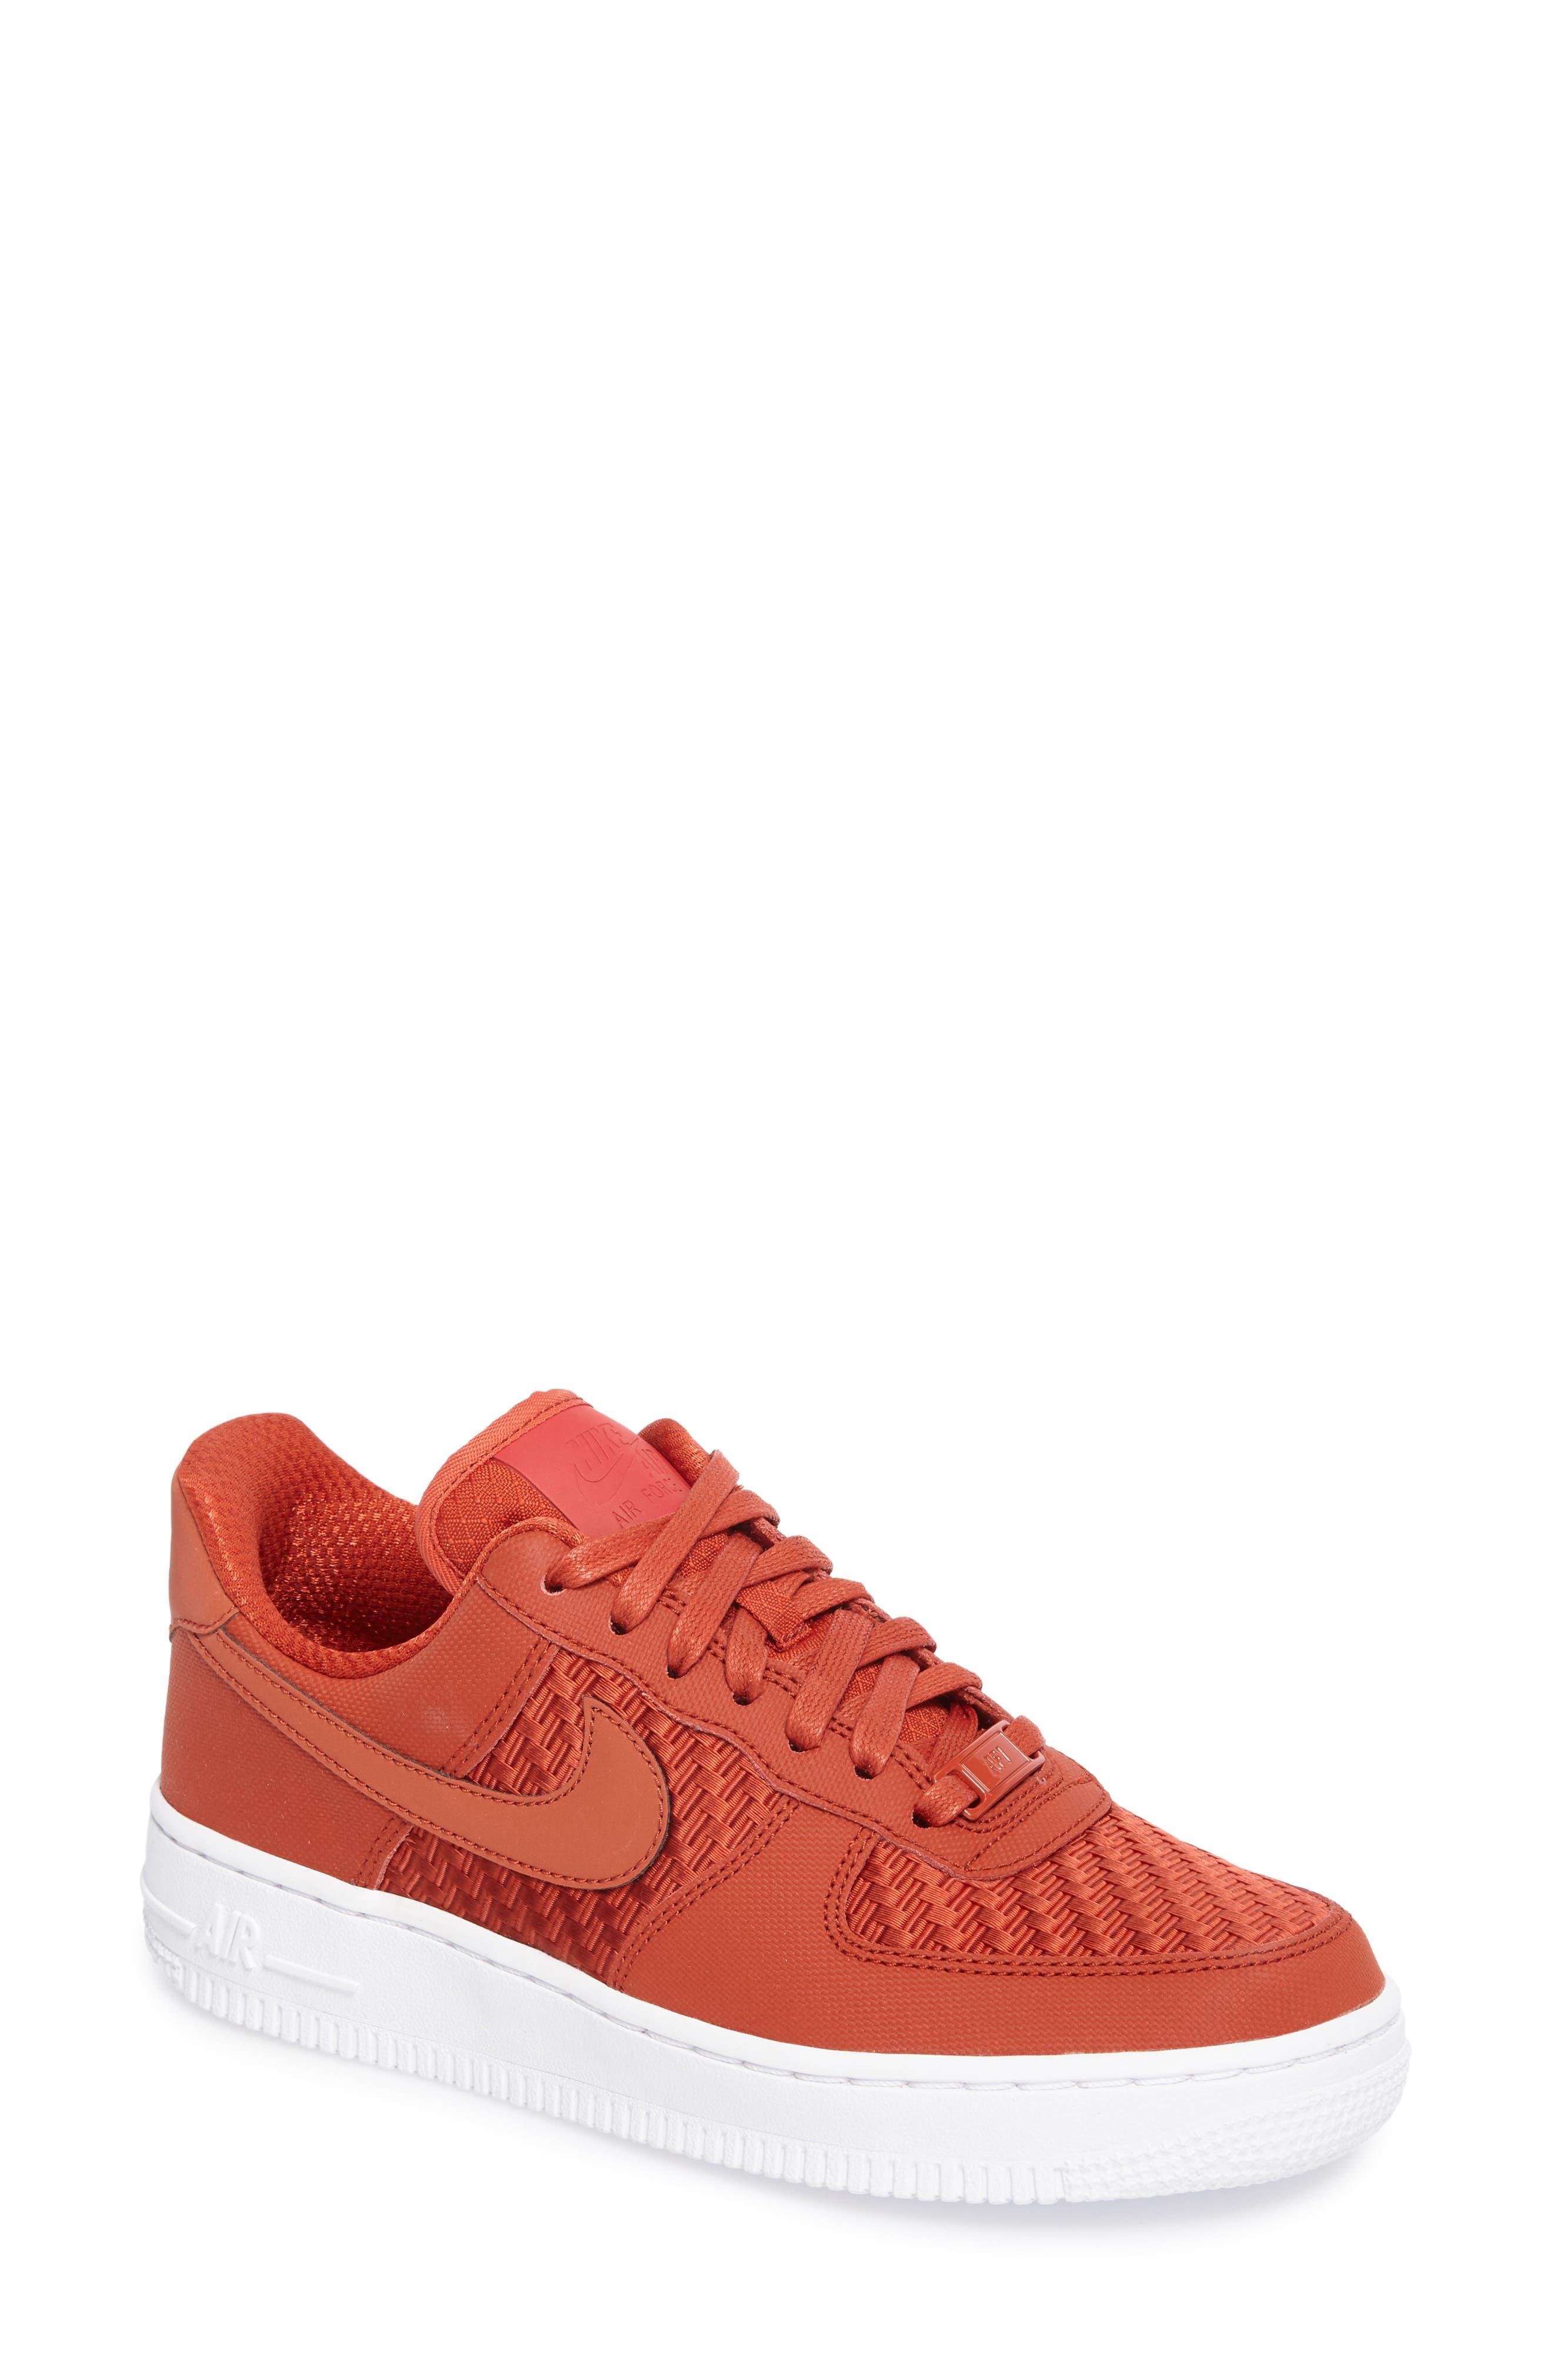 Air Force 1 '07 Pinnacle Sneaker,                         Main,                         color, DRAGON